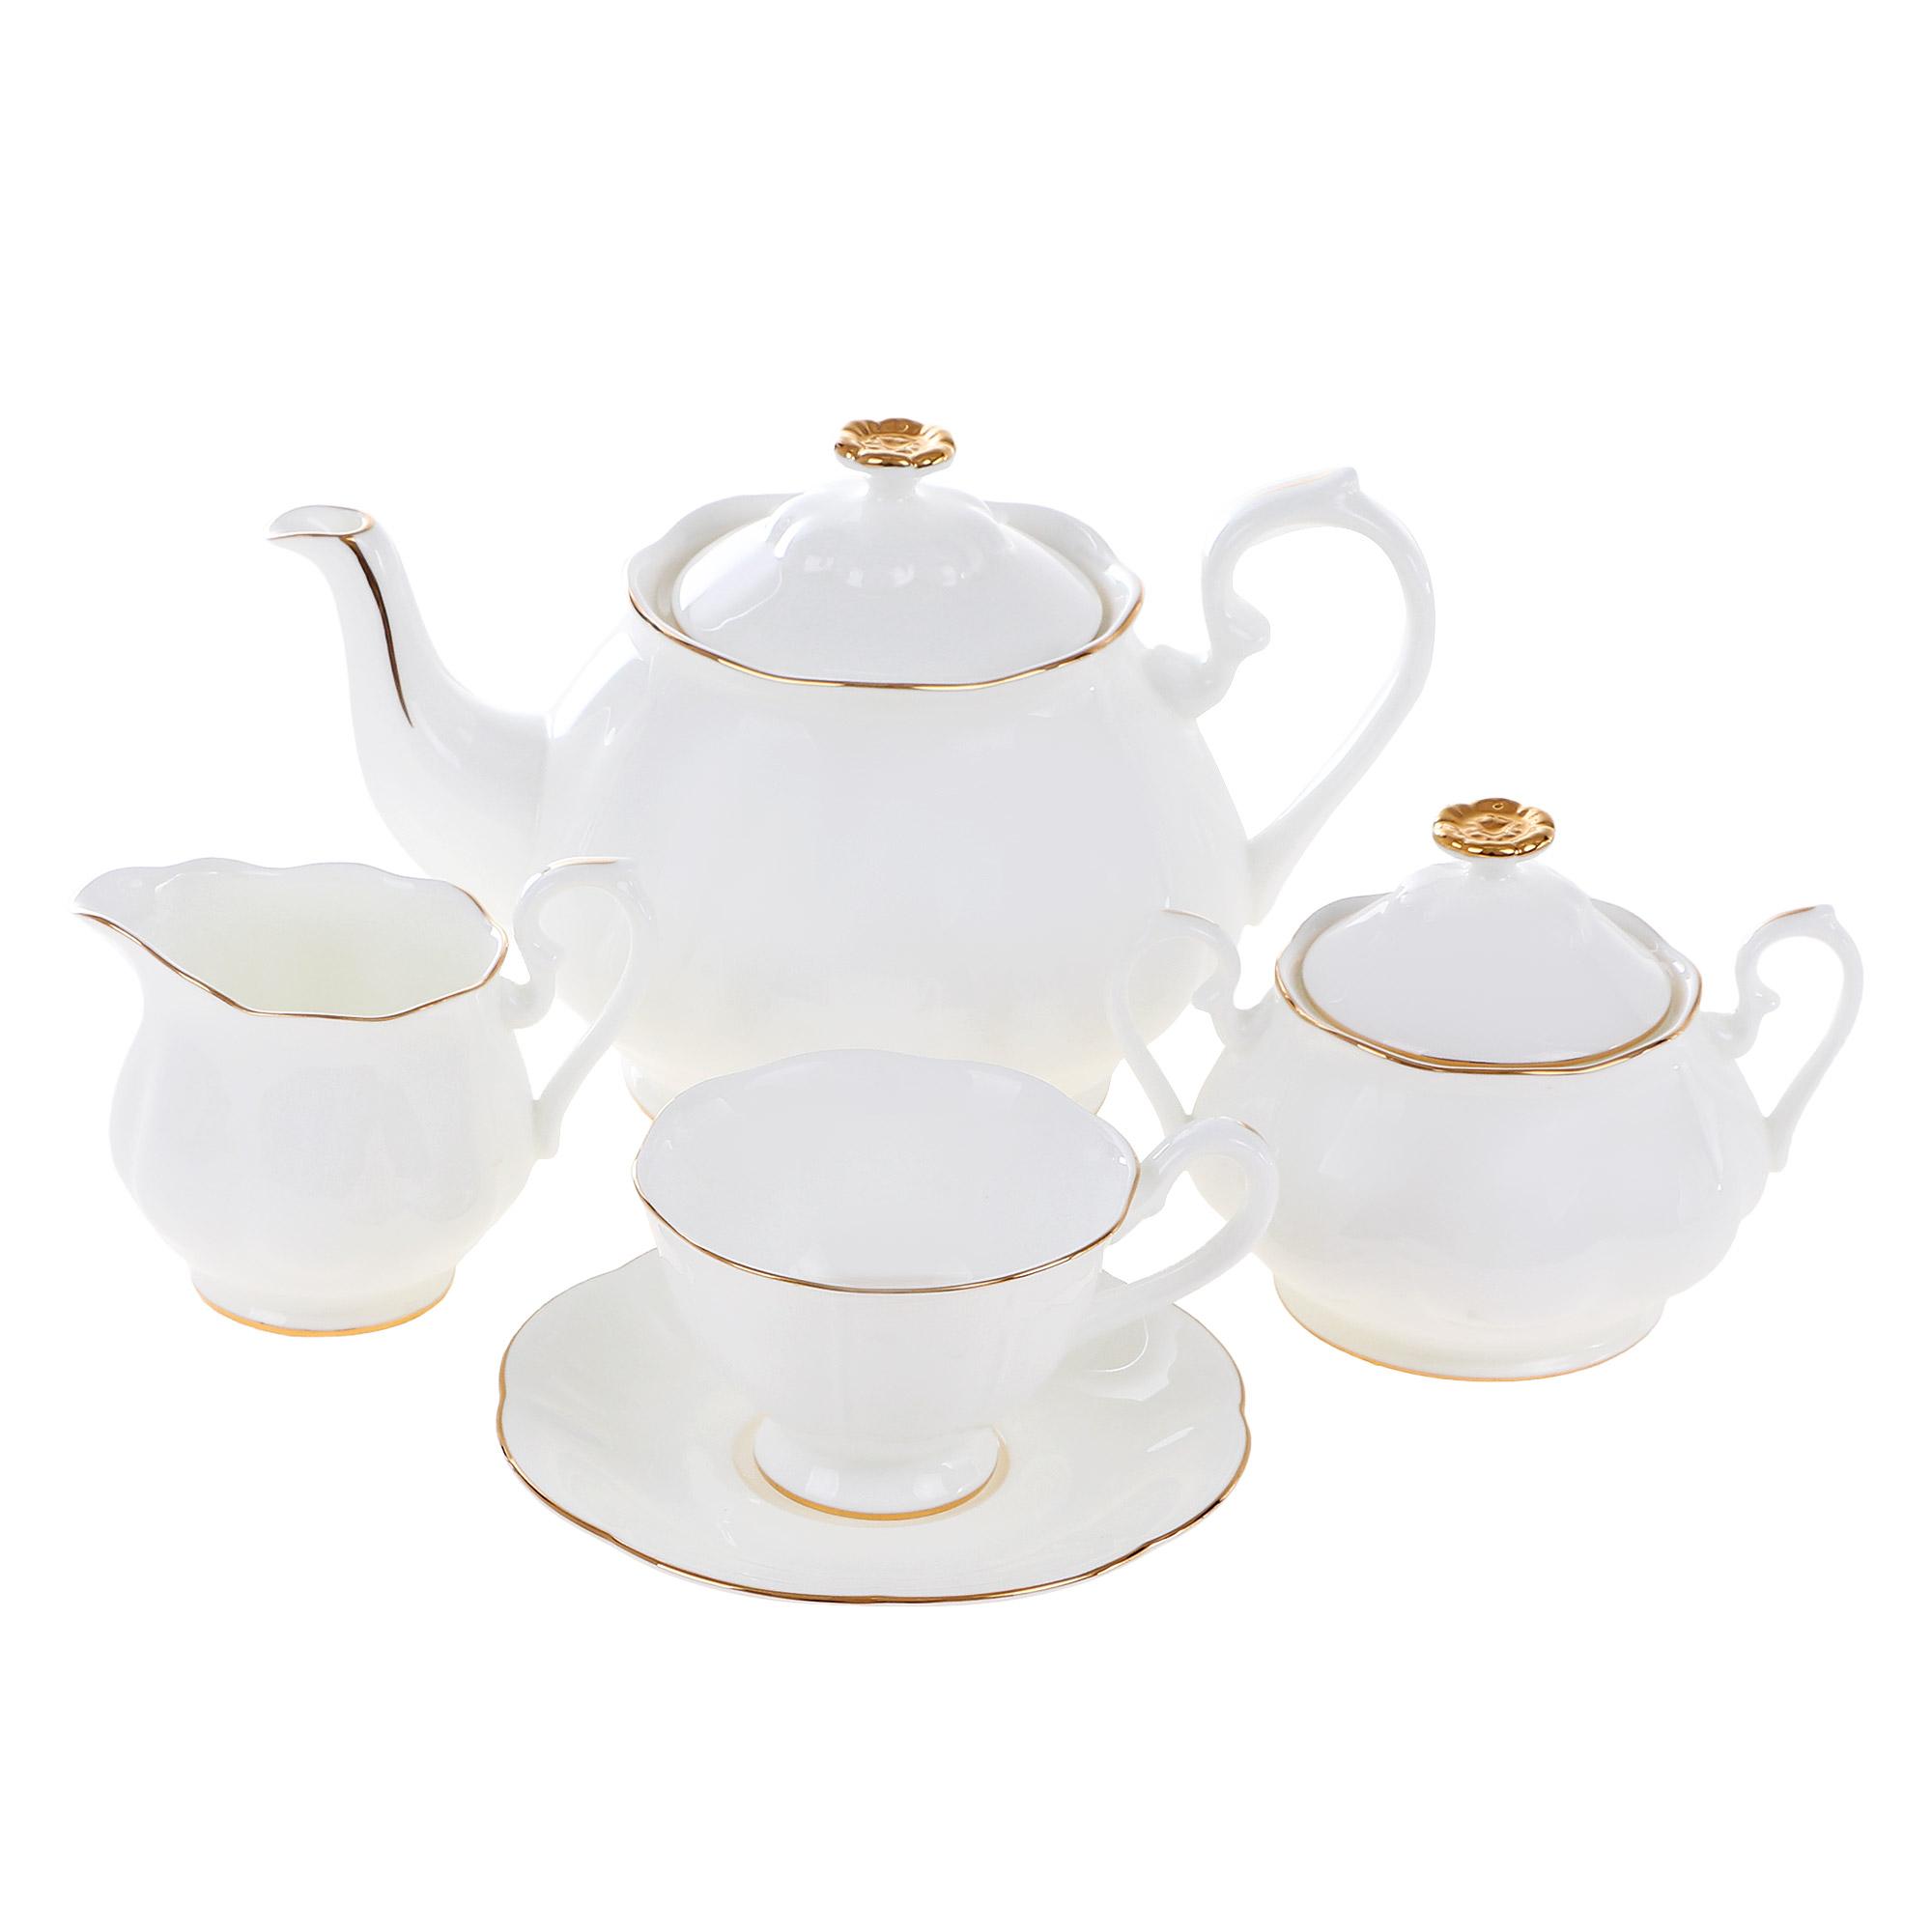 Сервиз чайный Топ арт студио блан-де-неж 15 предметов недорого